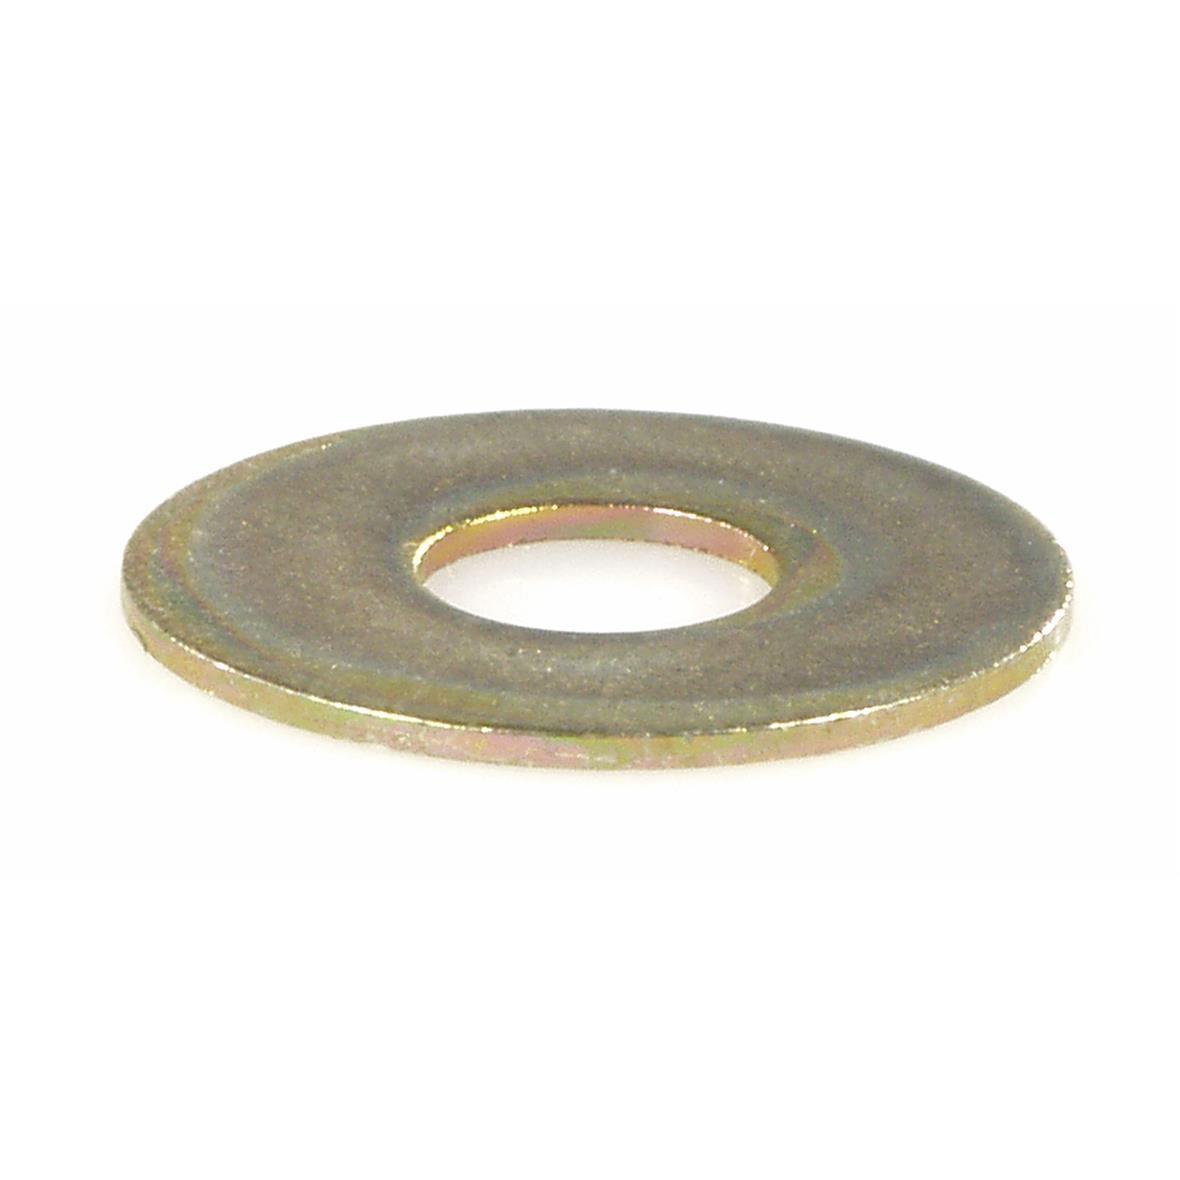 Image du produit 'Rondelle vis garde-boue, latéral M5,2x14x0,6 mm, extérieur'